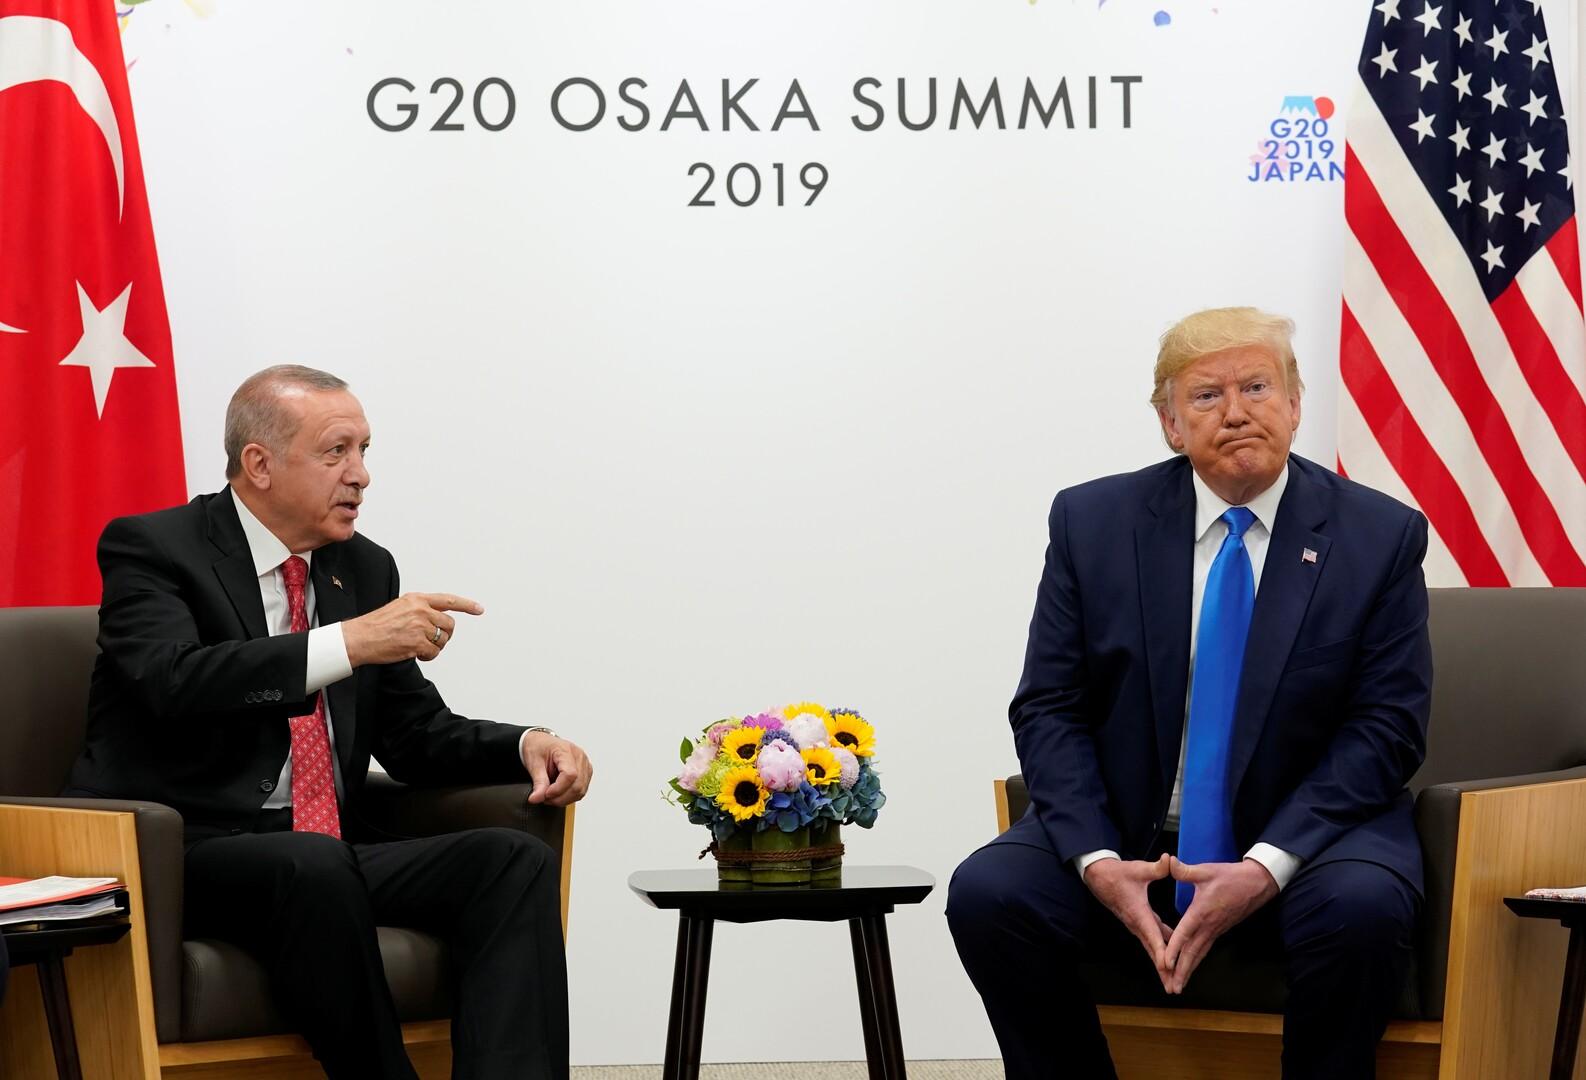 من الأرشيف - الرئيسان التركي والأمريكي في قمة العشرين باليابان